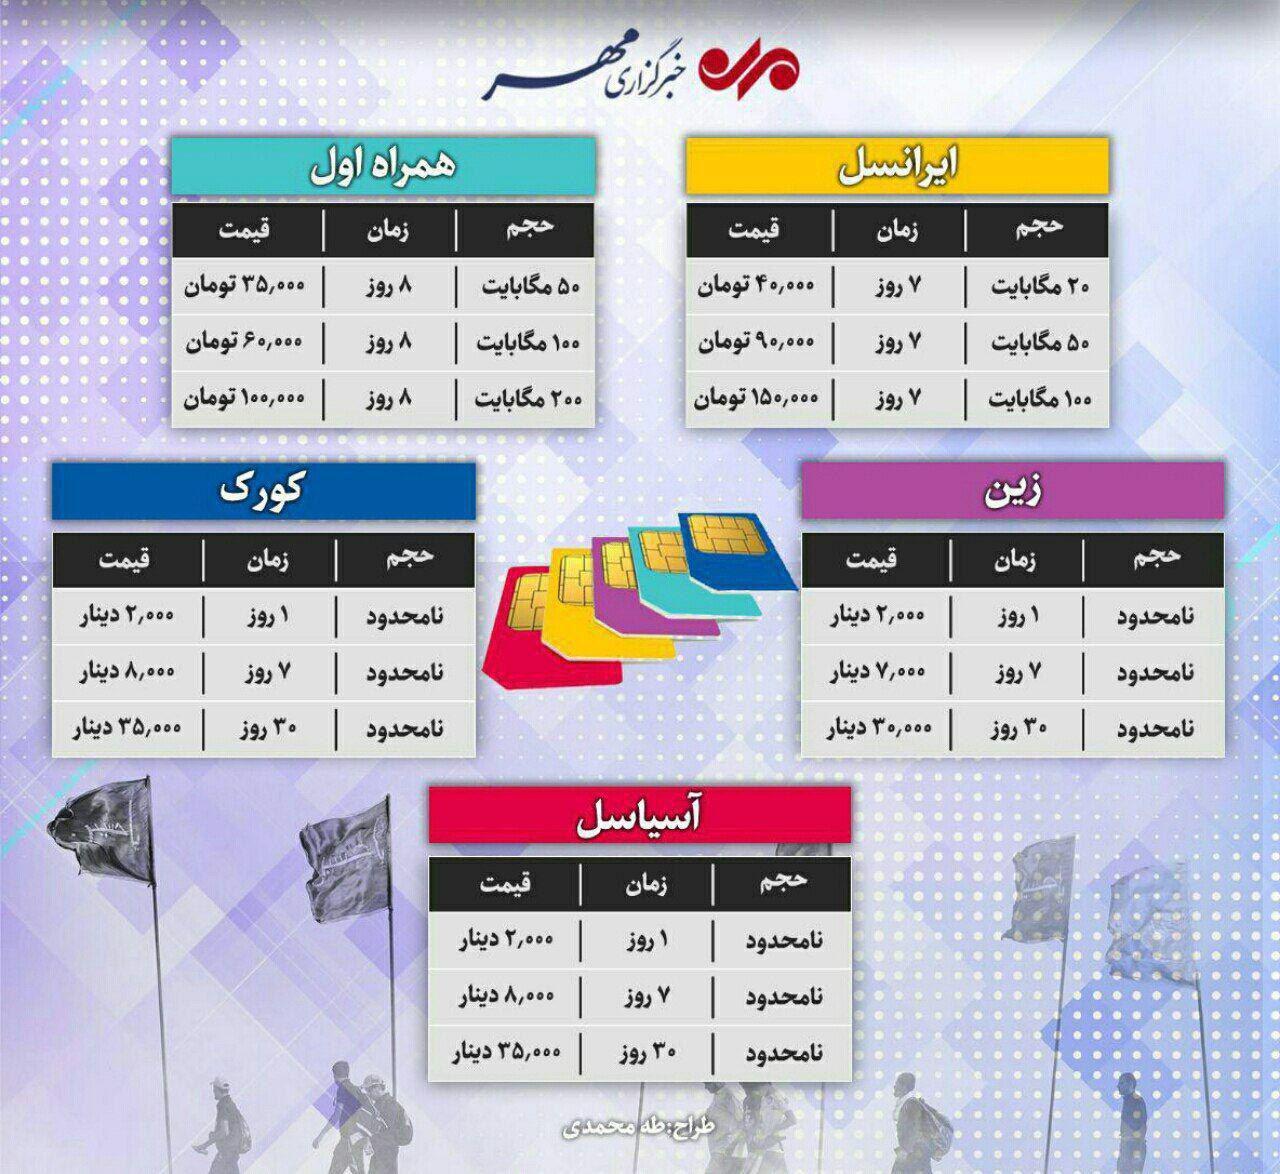 مقایسه هزینه اینترنت سیمکارتهای مختلف در عراق